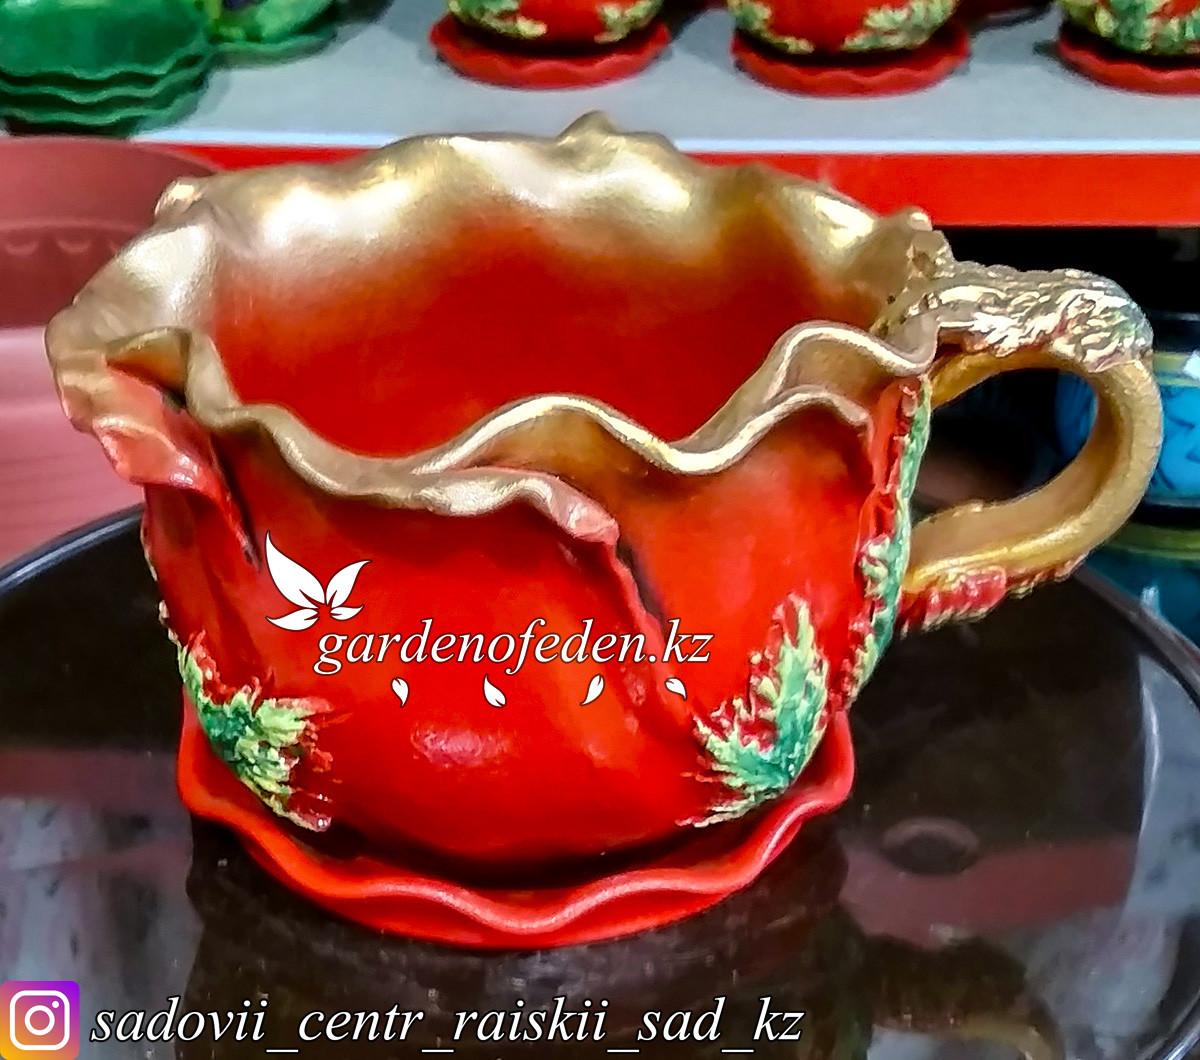 Горшок керамический, декоративный (чашка). Объем: 0.5л. Цвет: Красный с золотом, узор-листочки.